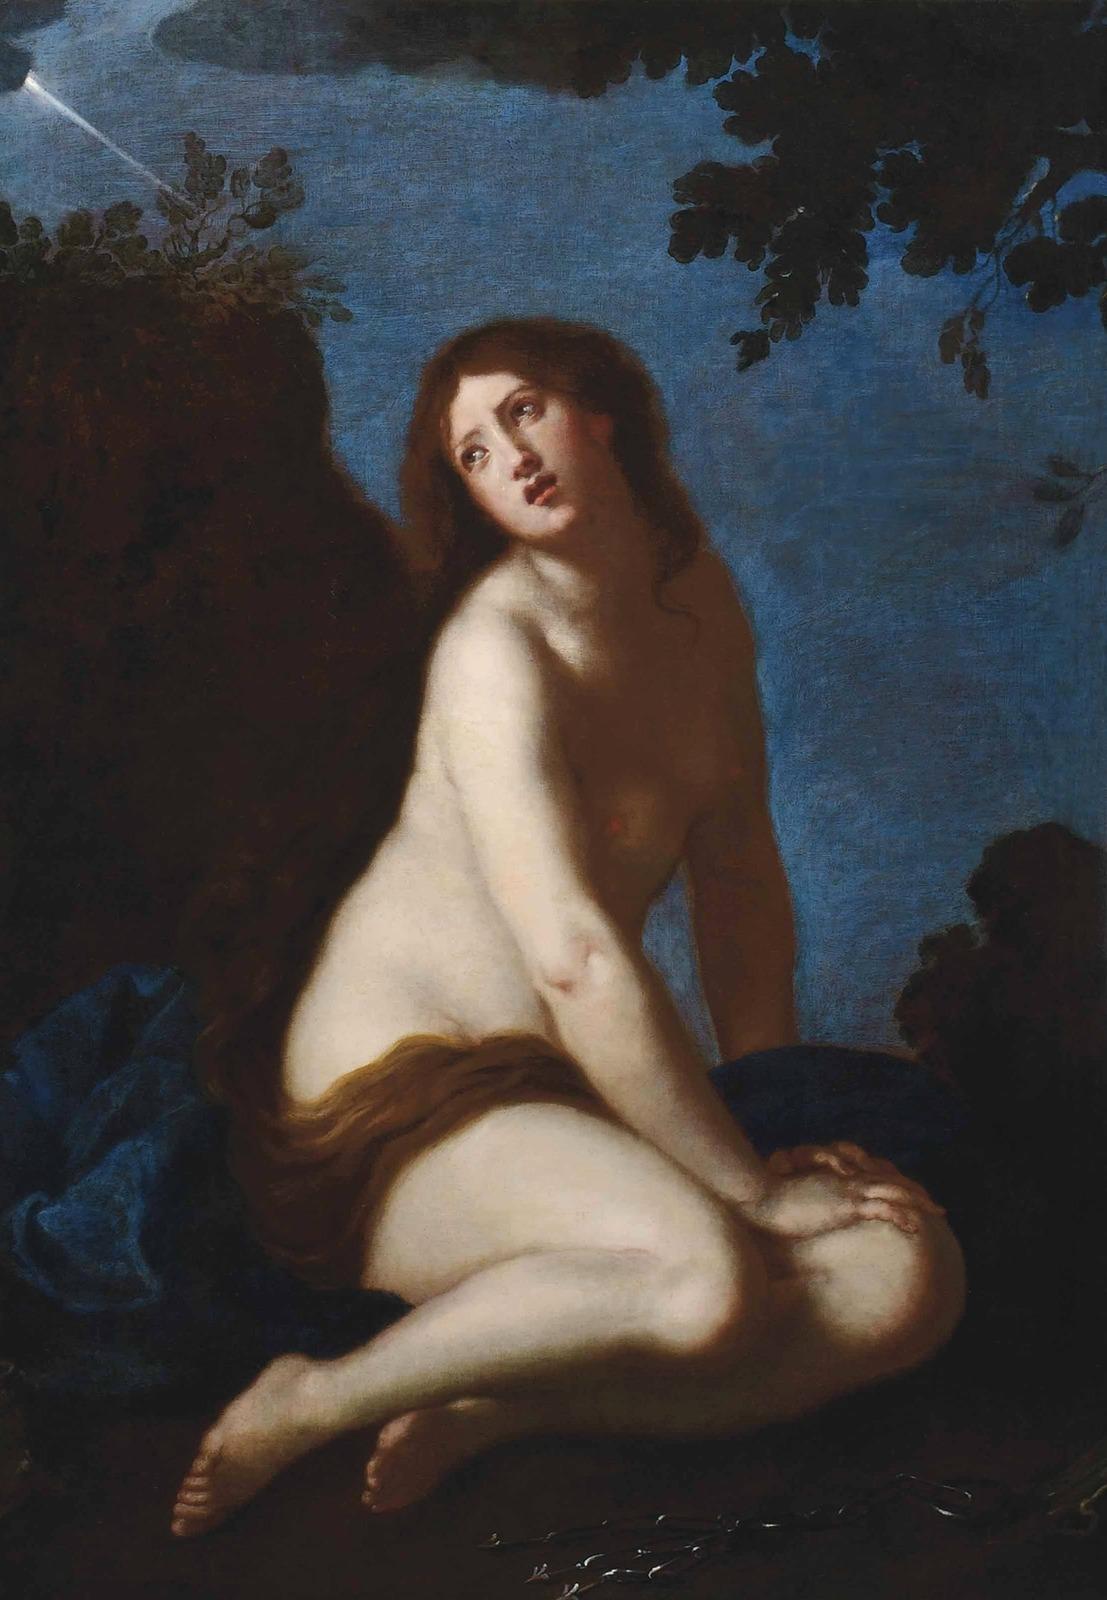 Кающаяся святая Мария Магдалина (The penitent Saint Mary Magdalen) (атр)_149.6 х 105.1_х.,м._Частное собрание.jpg